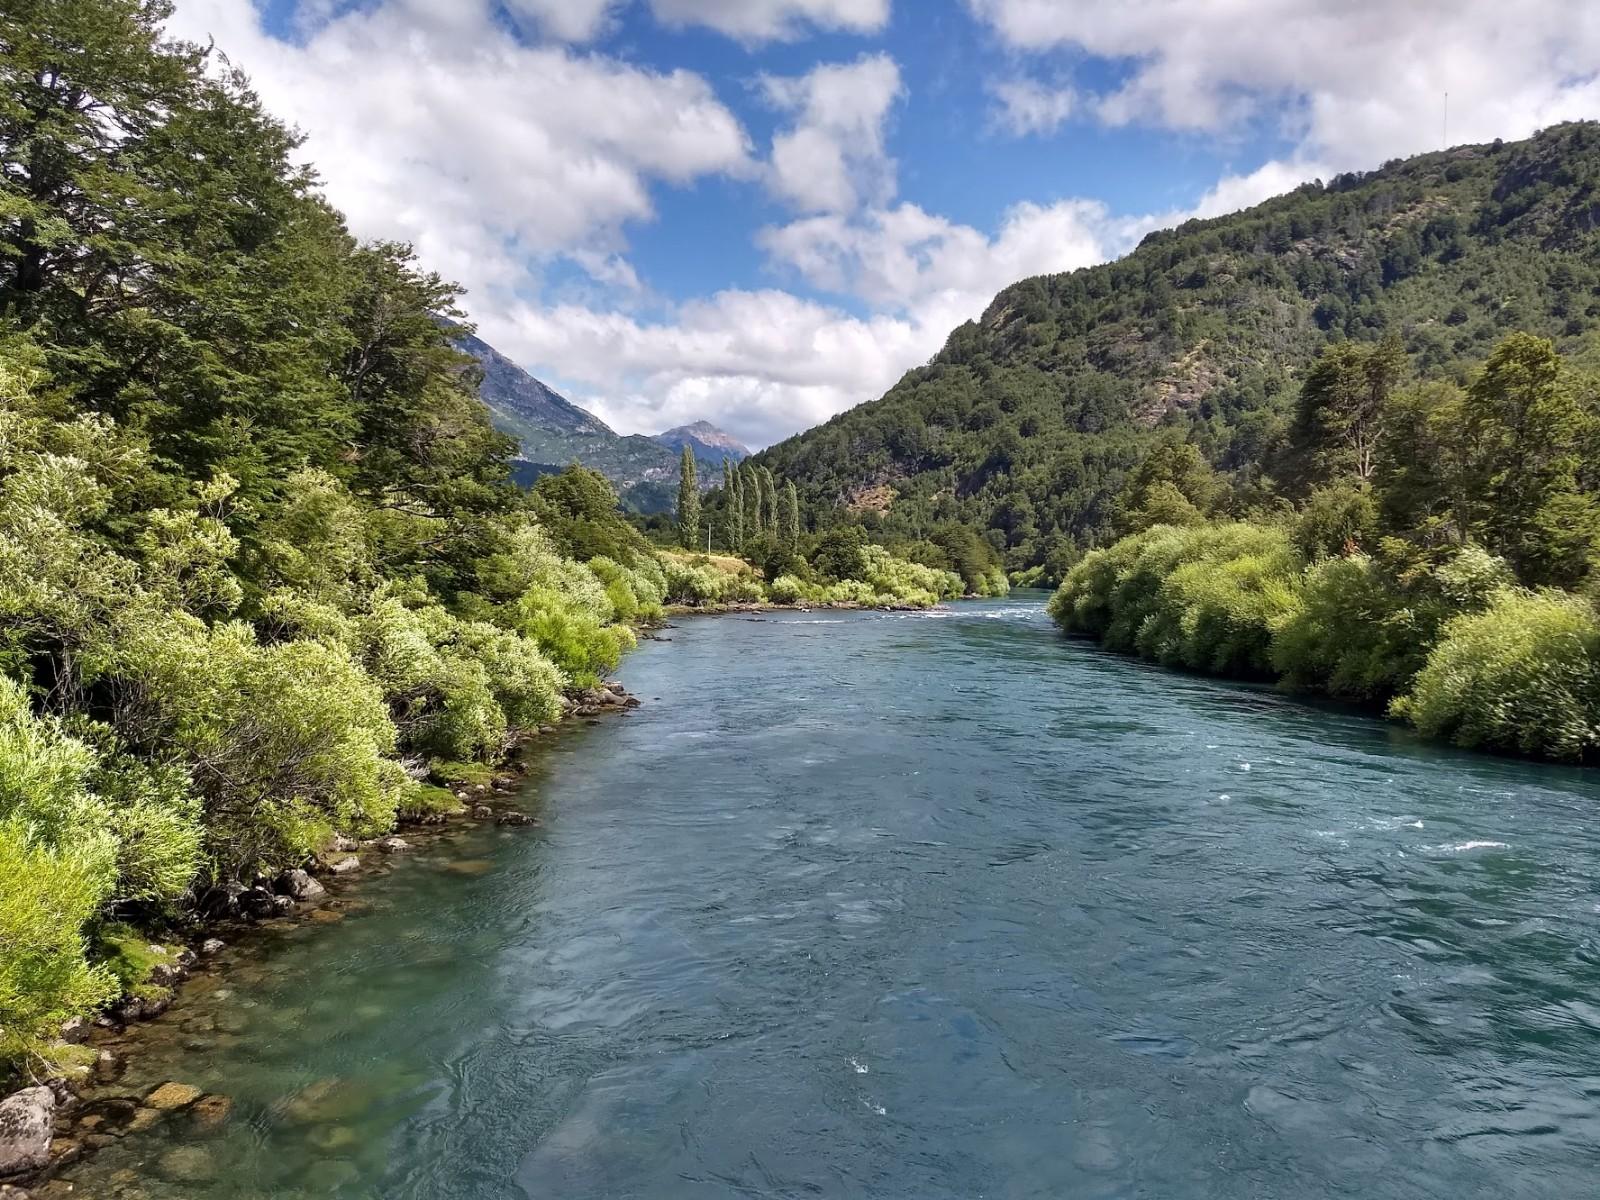 Pasarela Las Escalas, Río Futaleufú